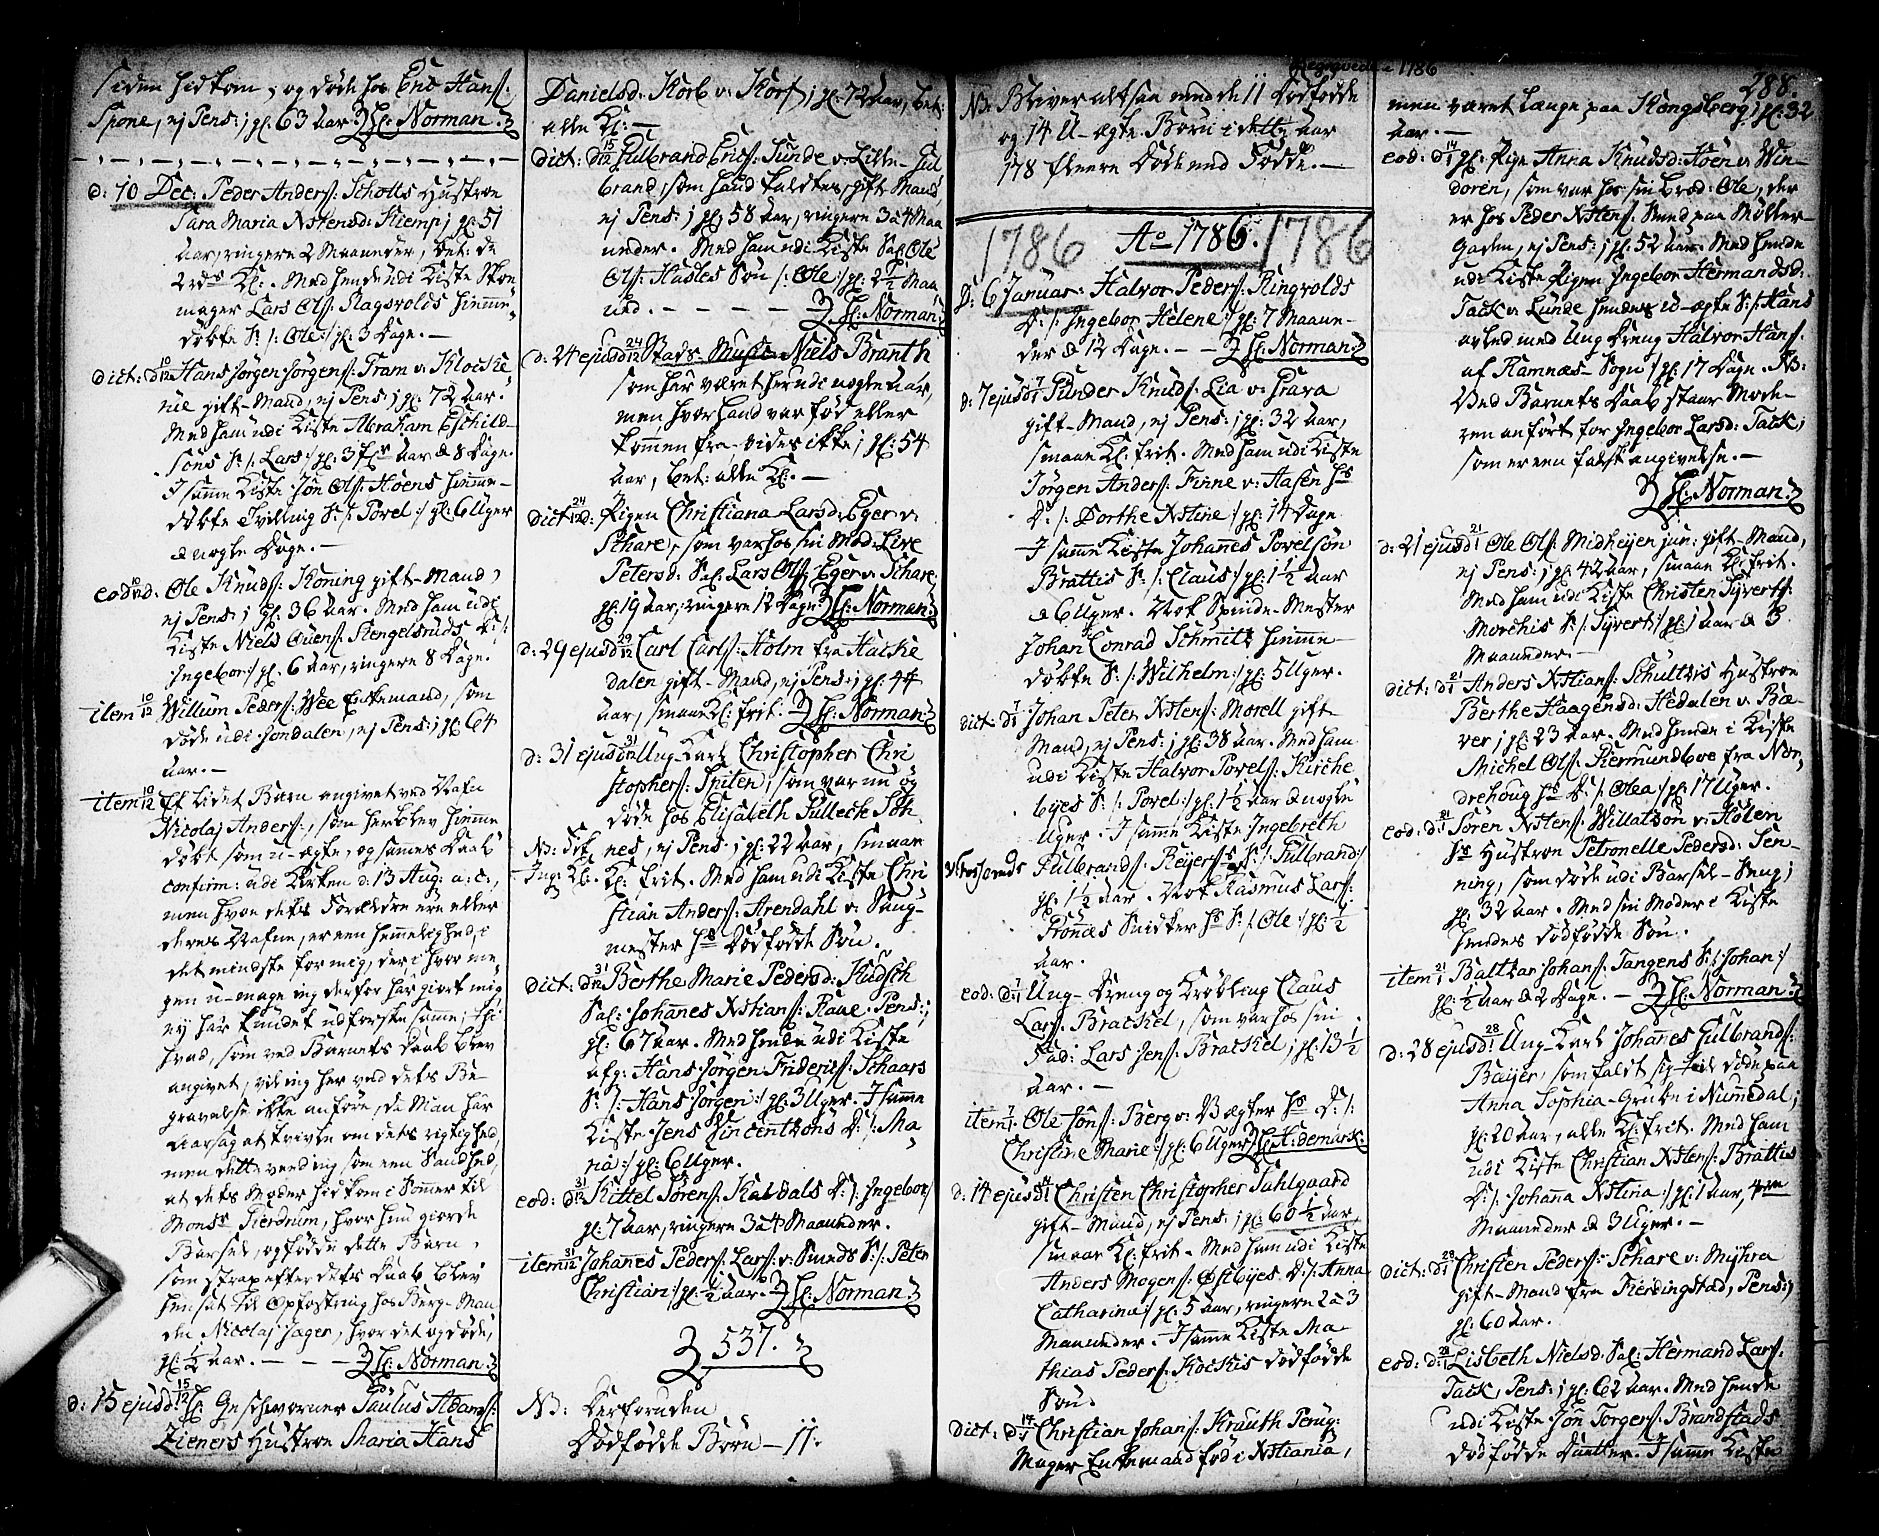 SAKO, Kongsberg kirkebøker, F/Fa/L0006: Ministerialbok nr. I 6, 1783-1797, s. 288